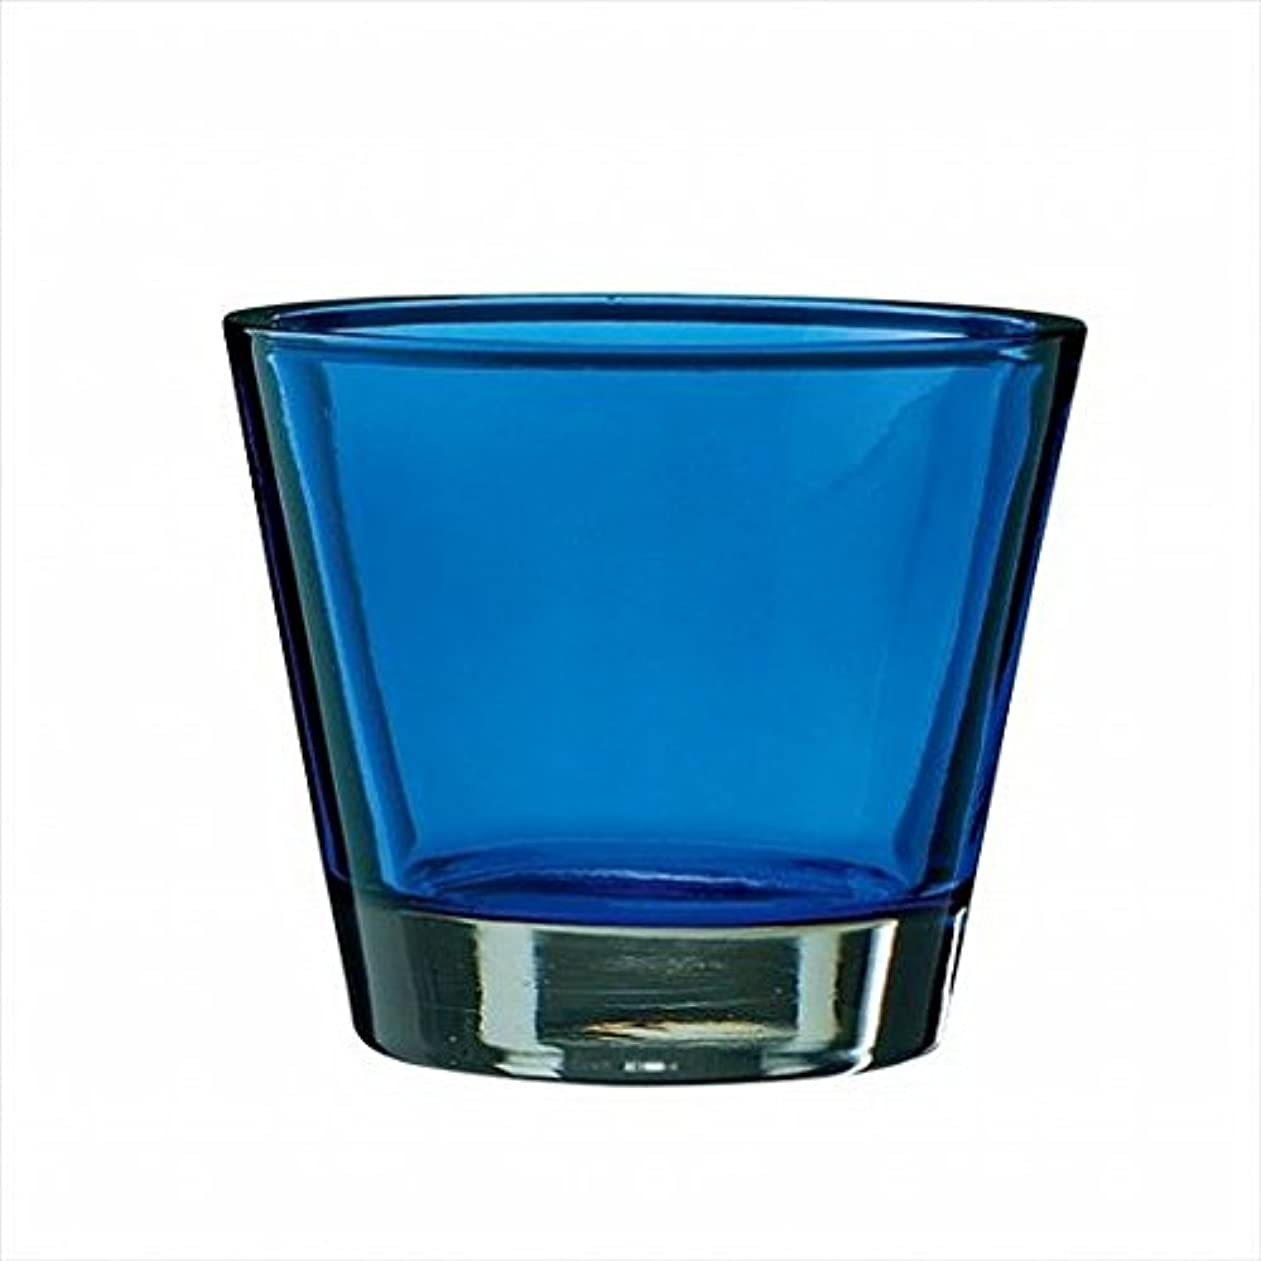 添加しょっぱい内陸kameyama candle(カメヤマキャンドル) カラリス 「 ブルー 」 キャンドル 82x82x70mm (J2540000B)